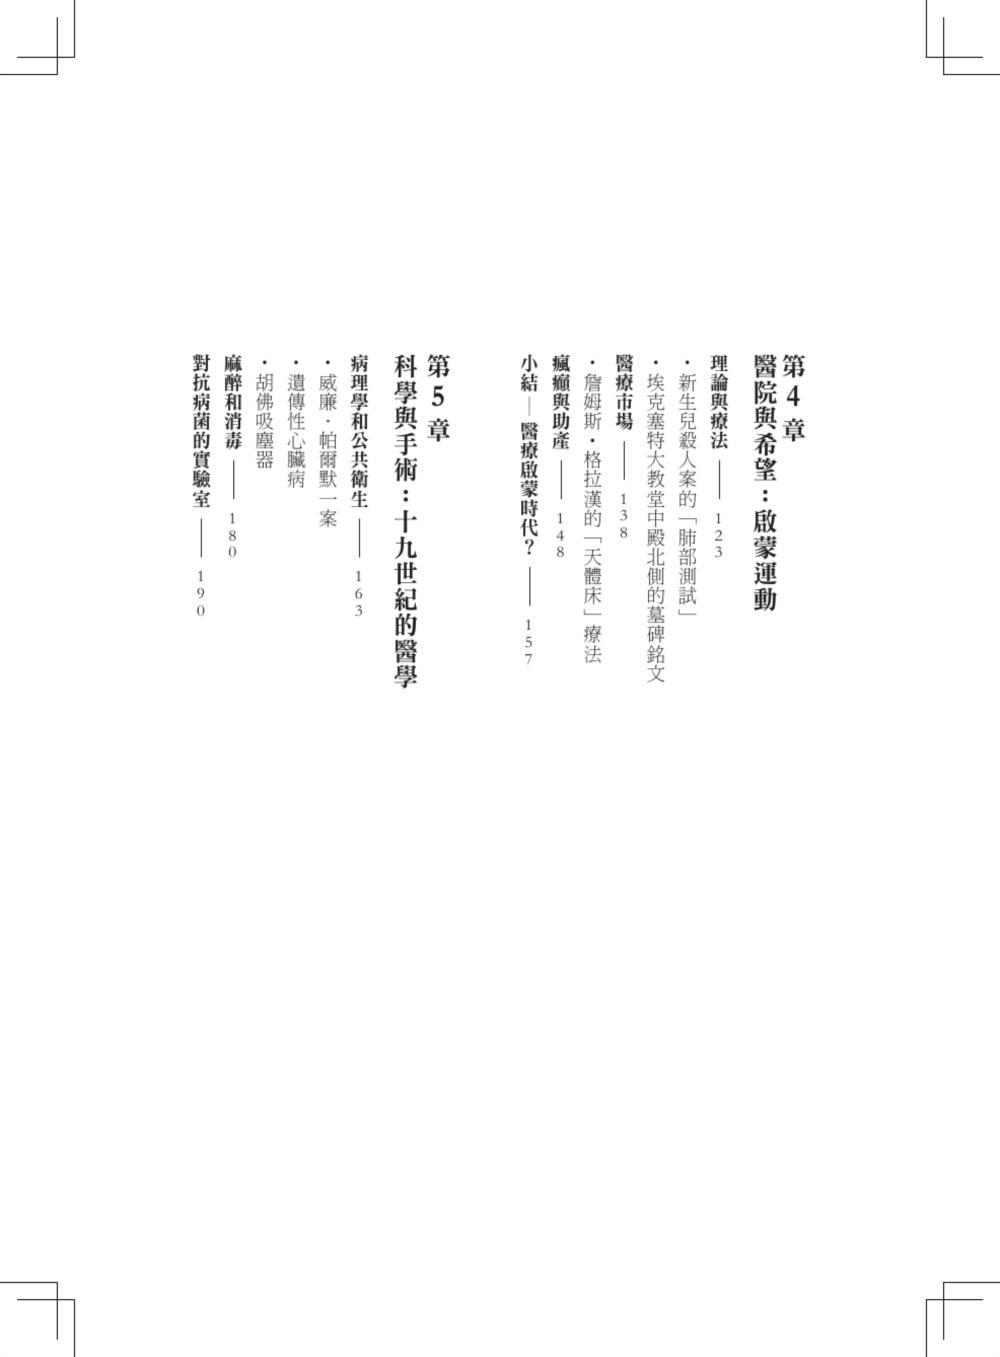 http://im2.book.com.tw/image/getImage?i=http://www.books.com.tw/img/001/072/55/0010725528_bi_03.jpg&v=57c3d693&w=655&h=609